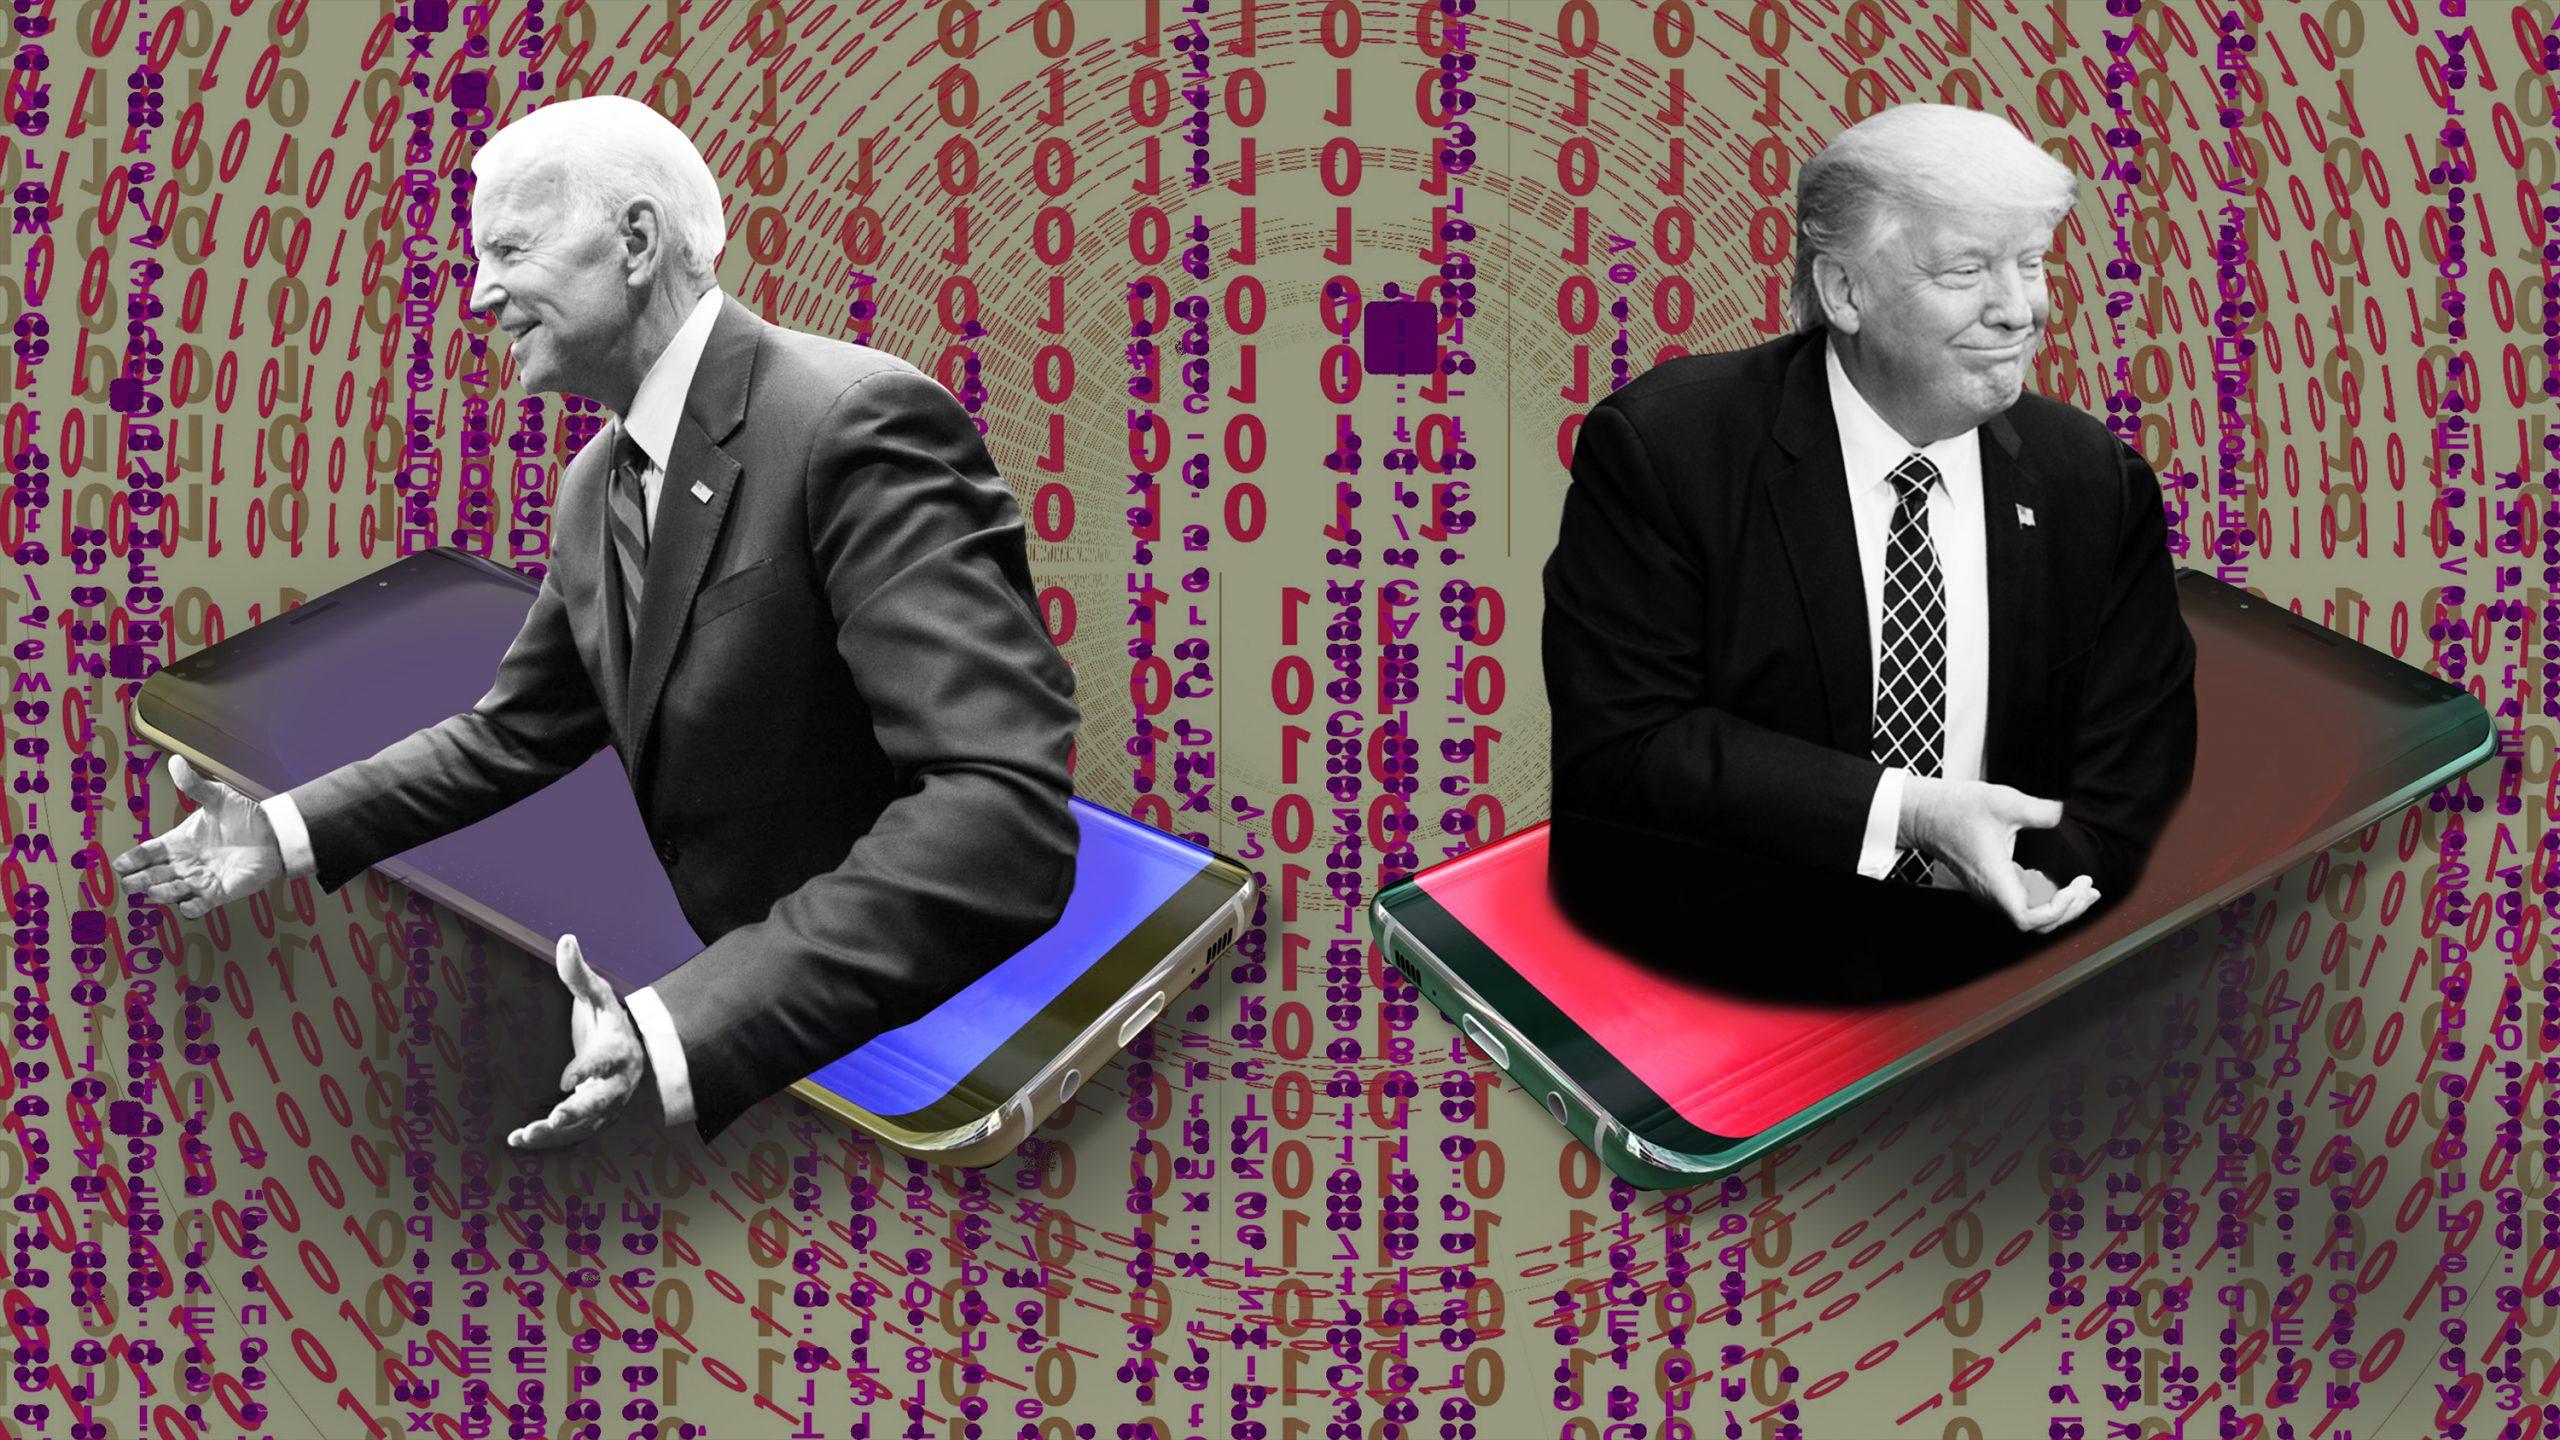 トランプ対バイデン 似ているようで微妙に異なる 大統領候補のアプリ戦略